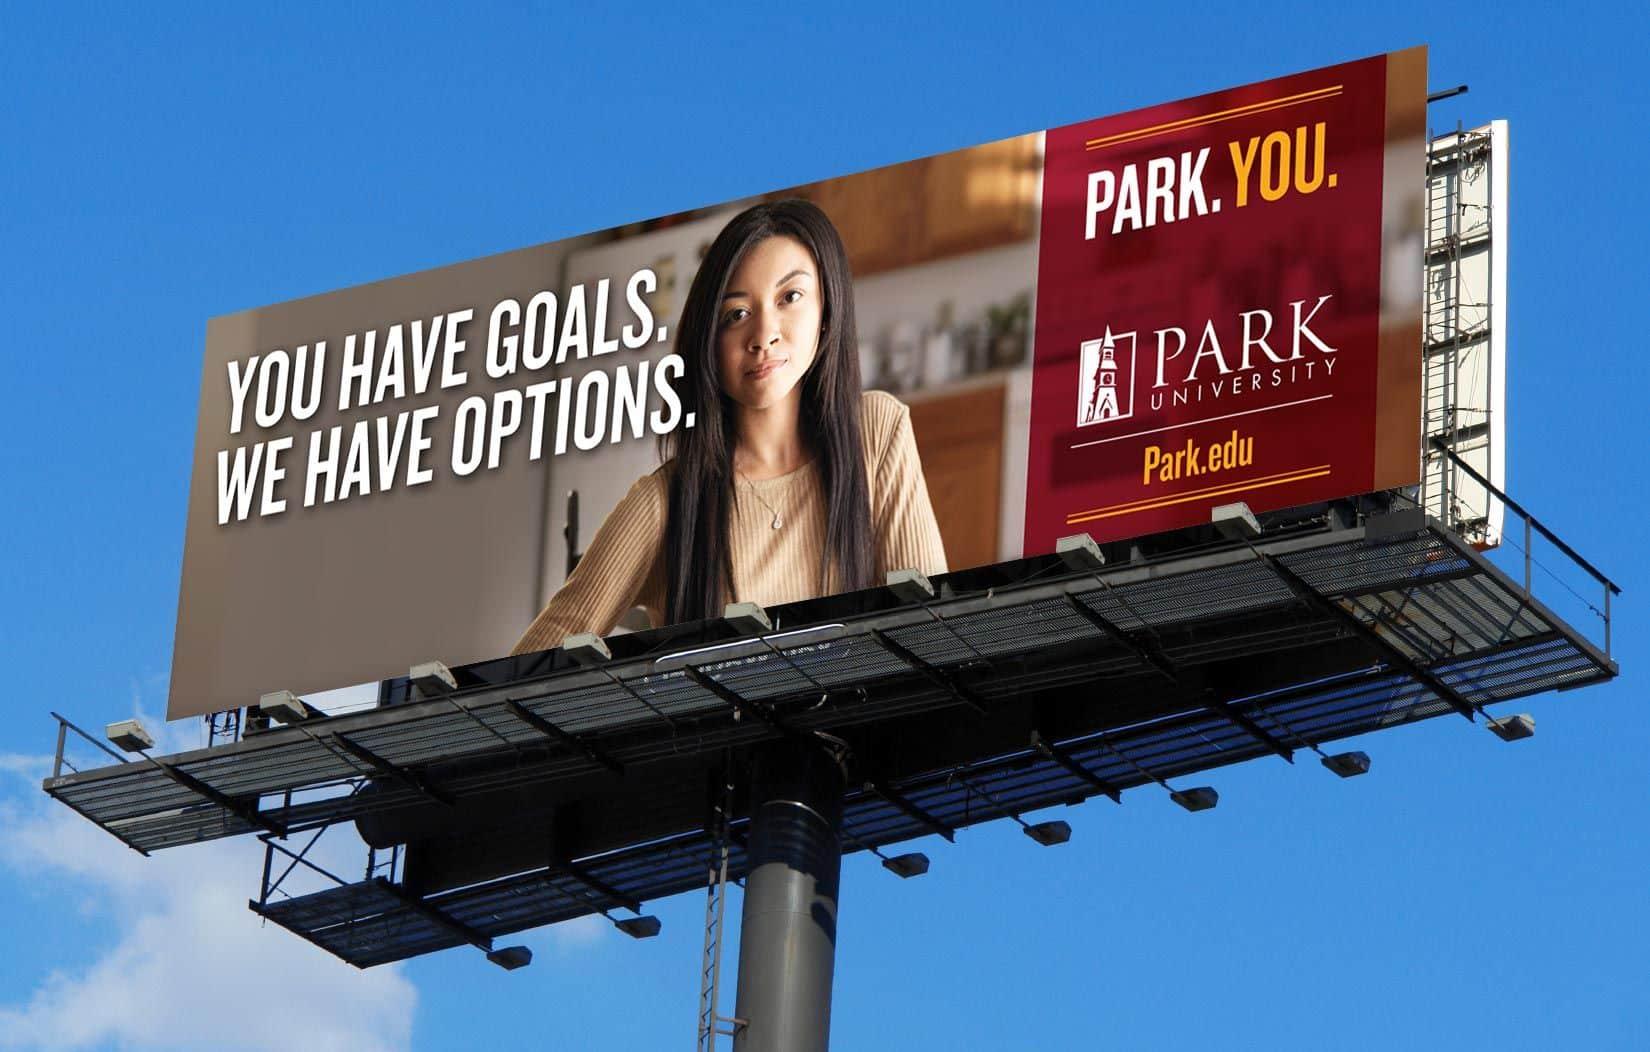 11 Billboards ideas | billboard, university, best university